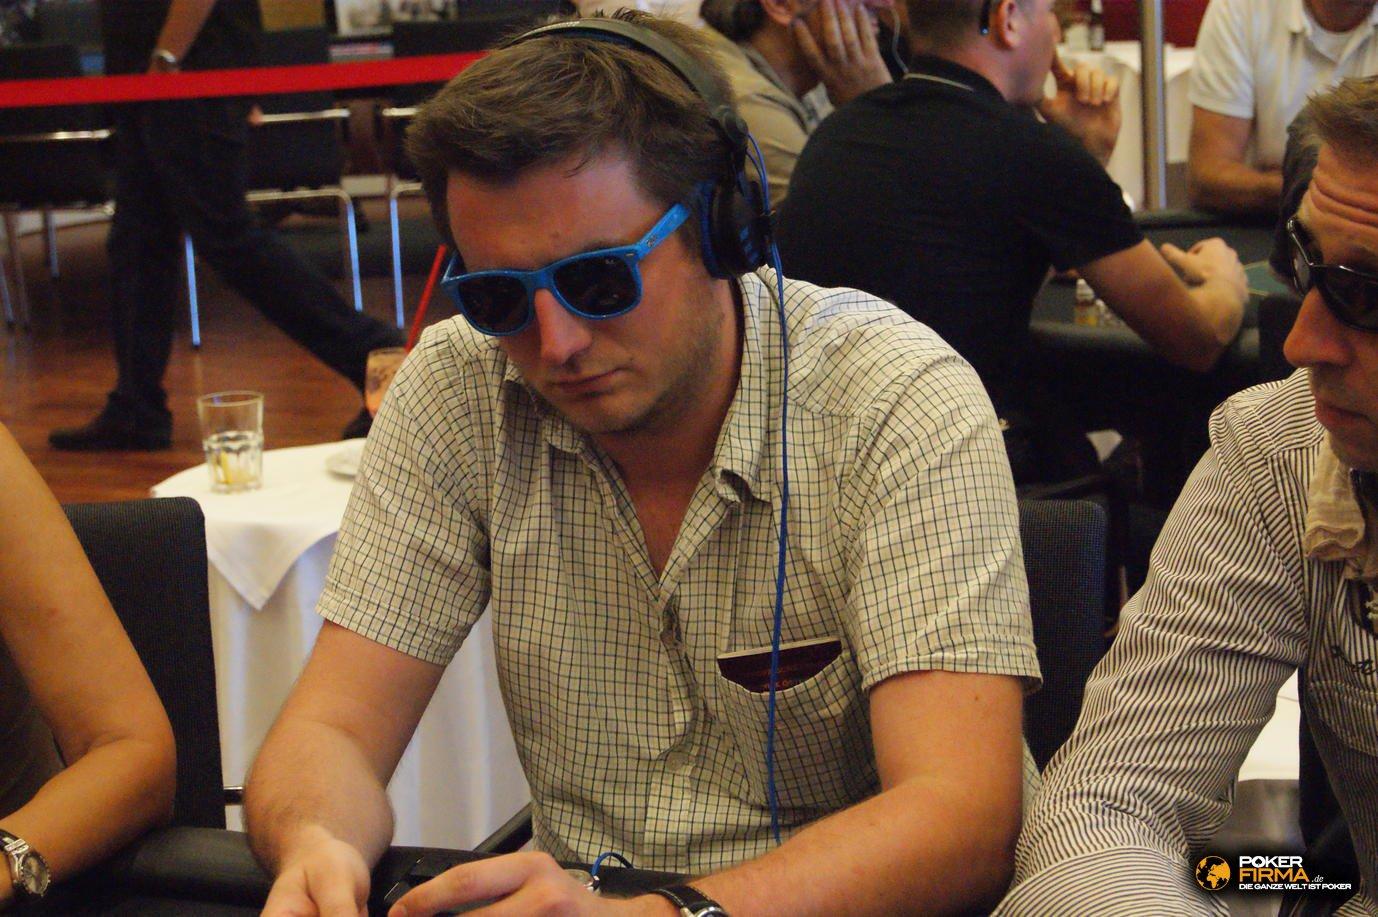 CAPT_Velden_500_NLH_17072012_Michael_Schatz.JPG